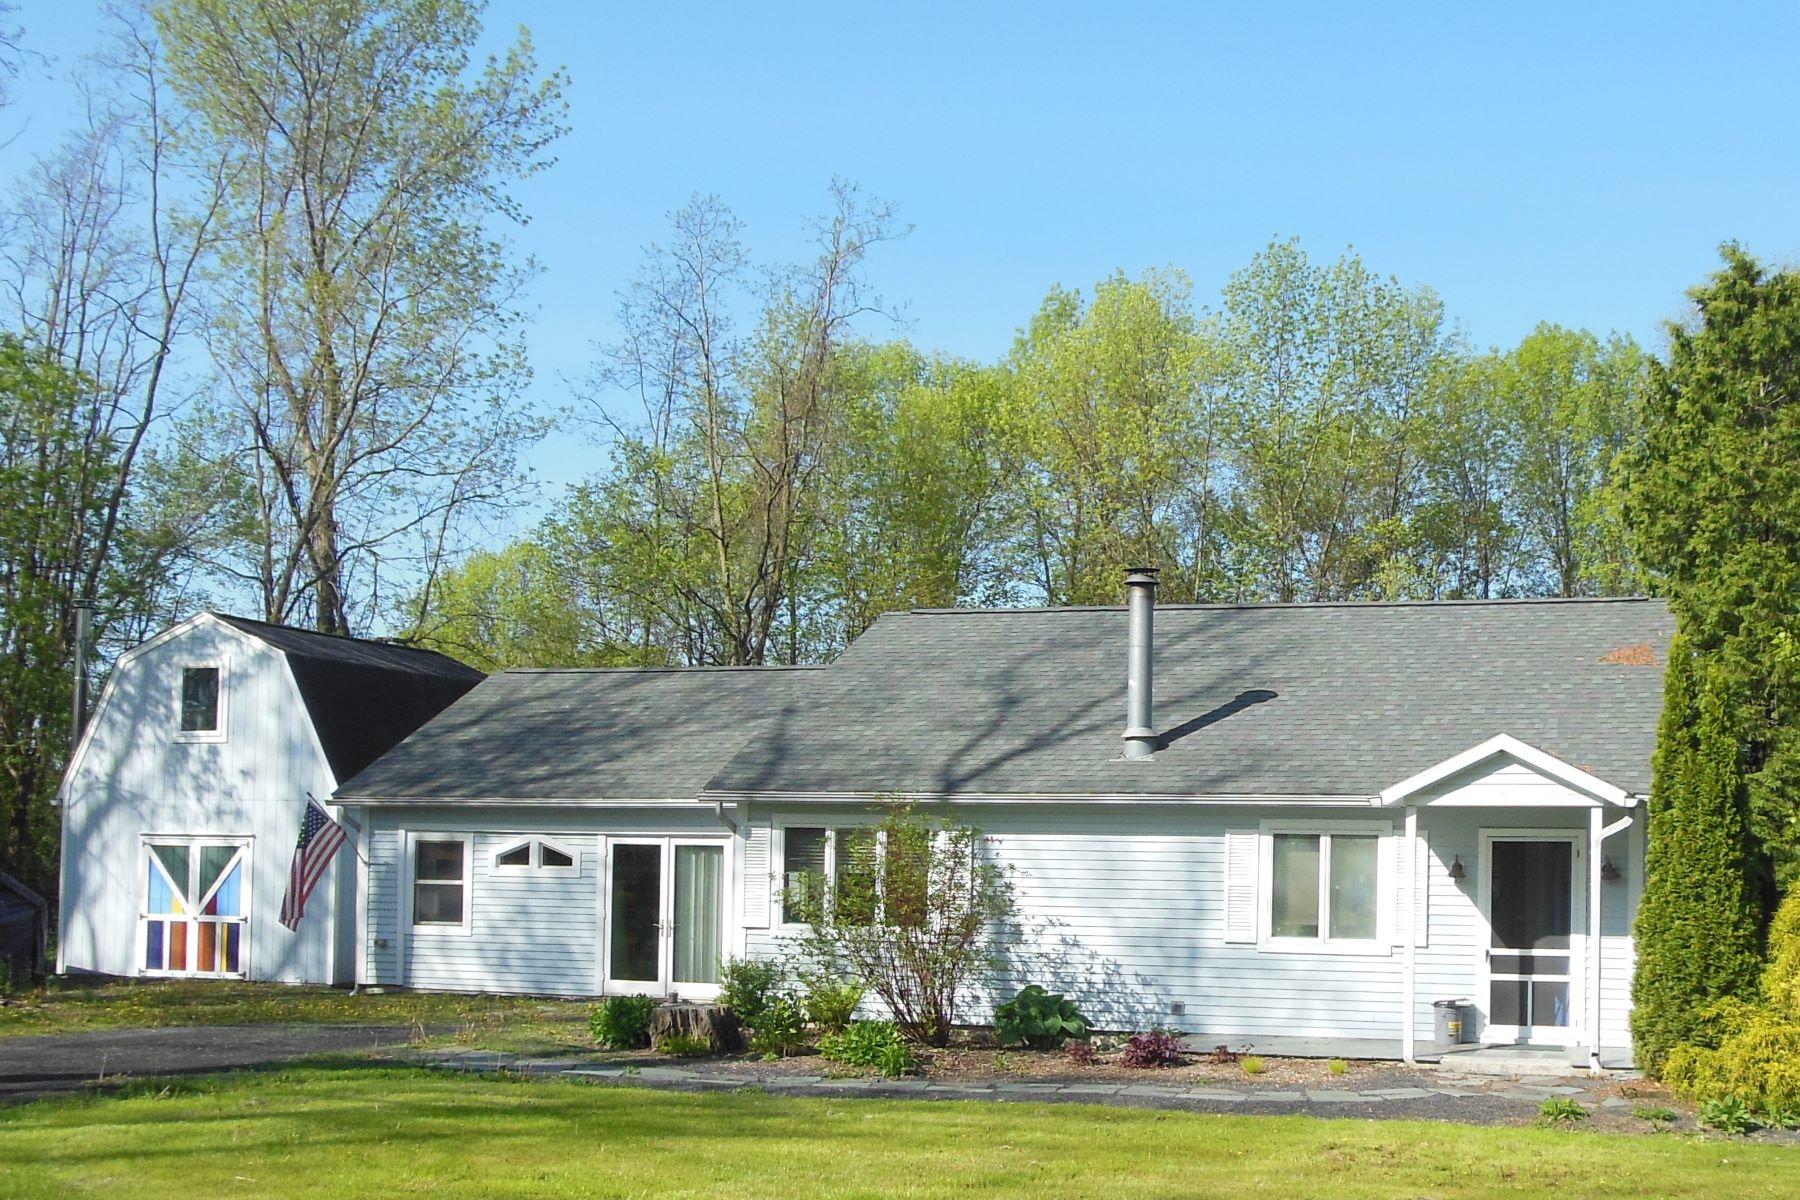 Single Family Homes for Sale at Gardener's paradise on Lake Champlain 2767 Lake St Shoreham, Vermont 05770 United States